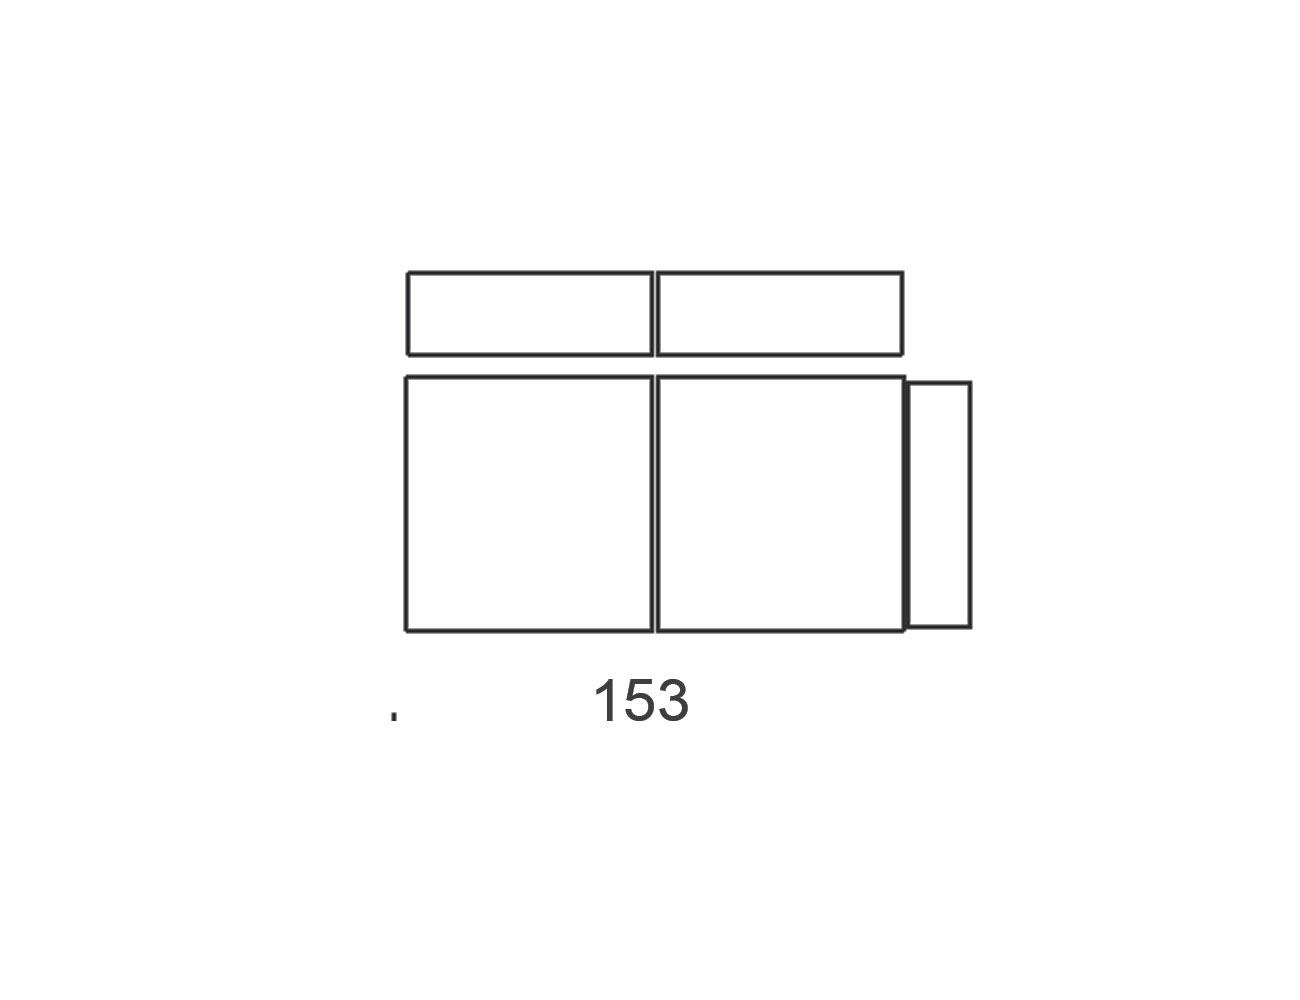 Modulo 1534